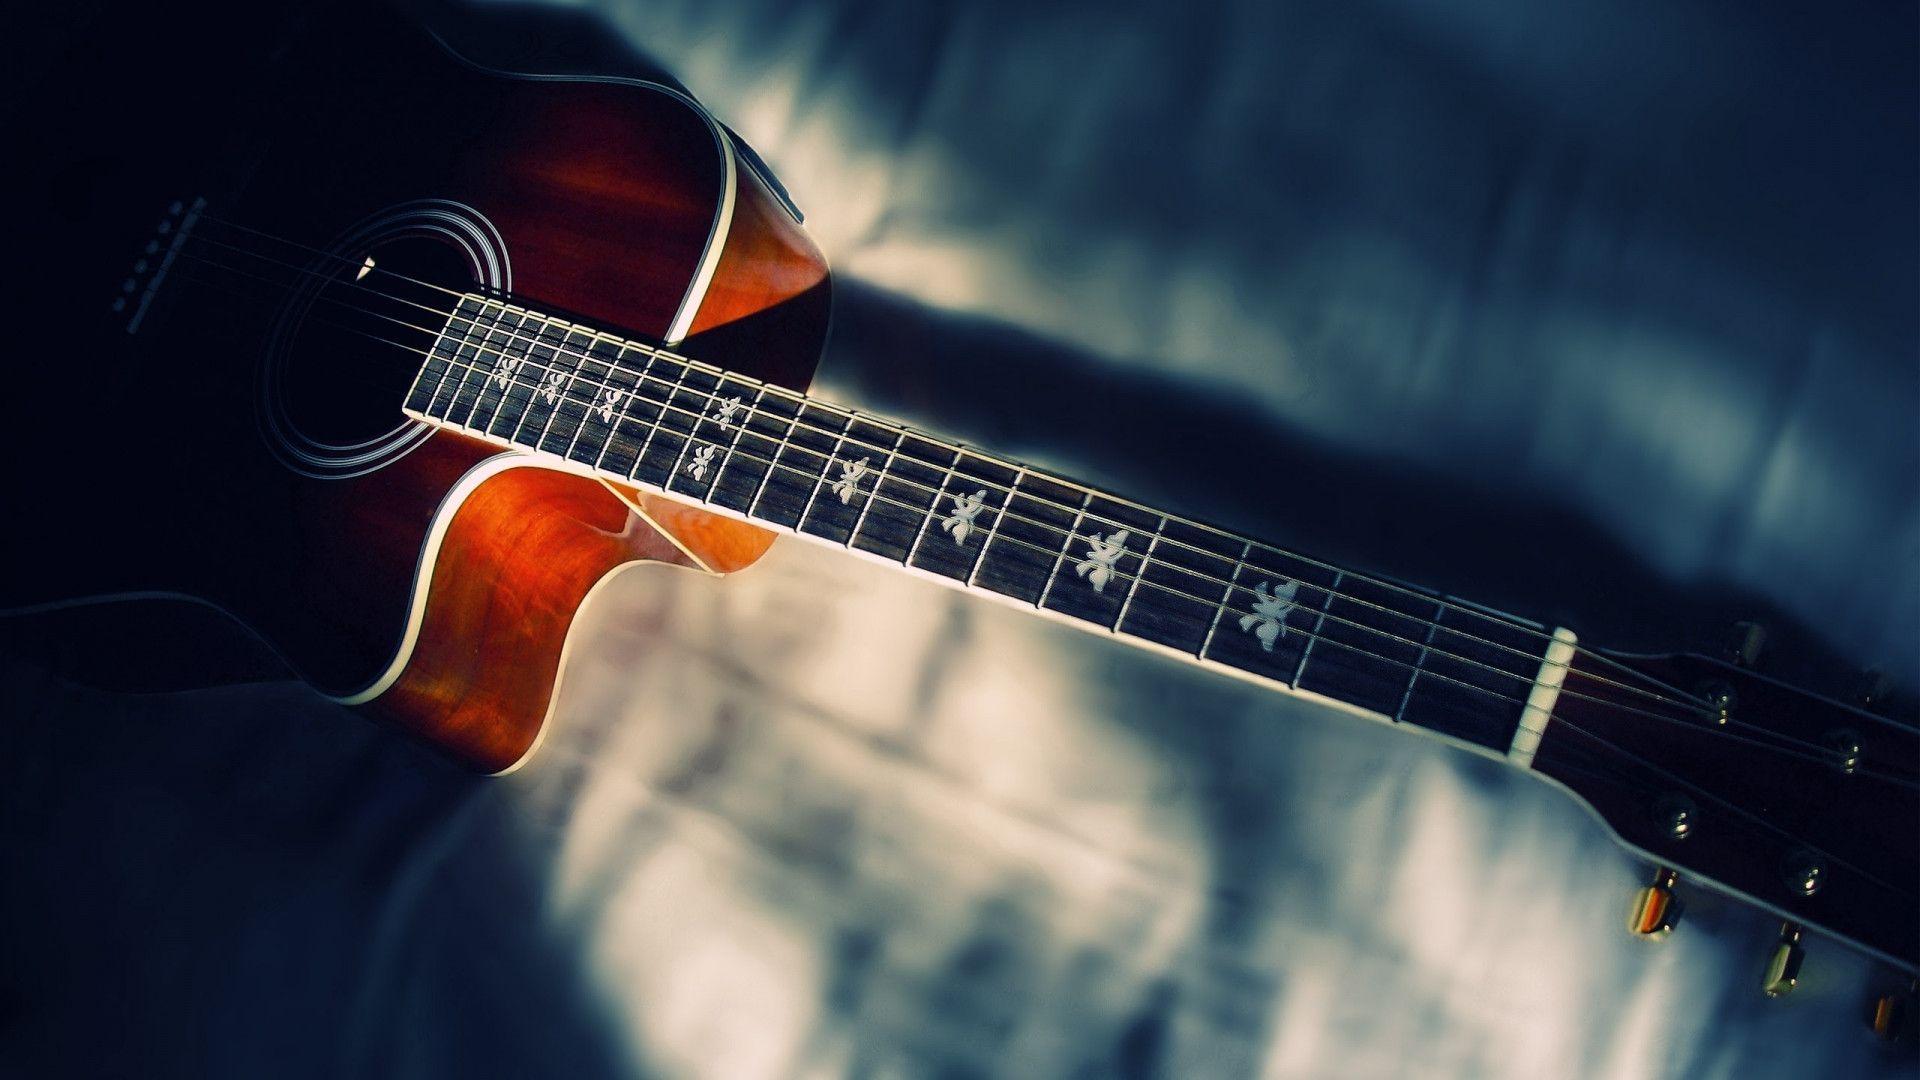 Bass Guitar Wallpaper HD X Backgrounds